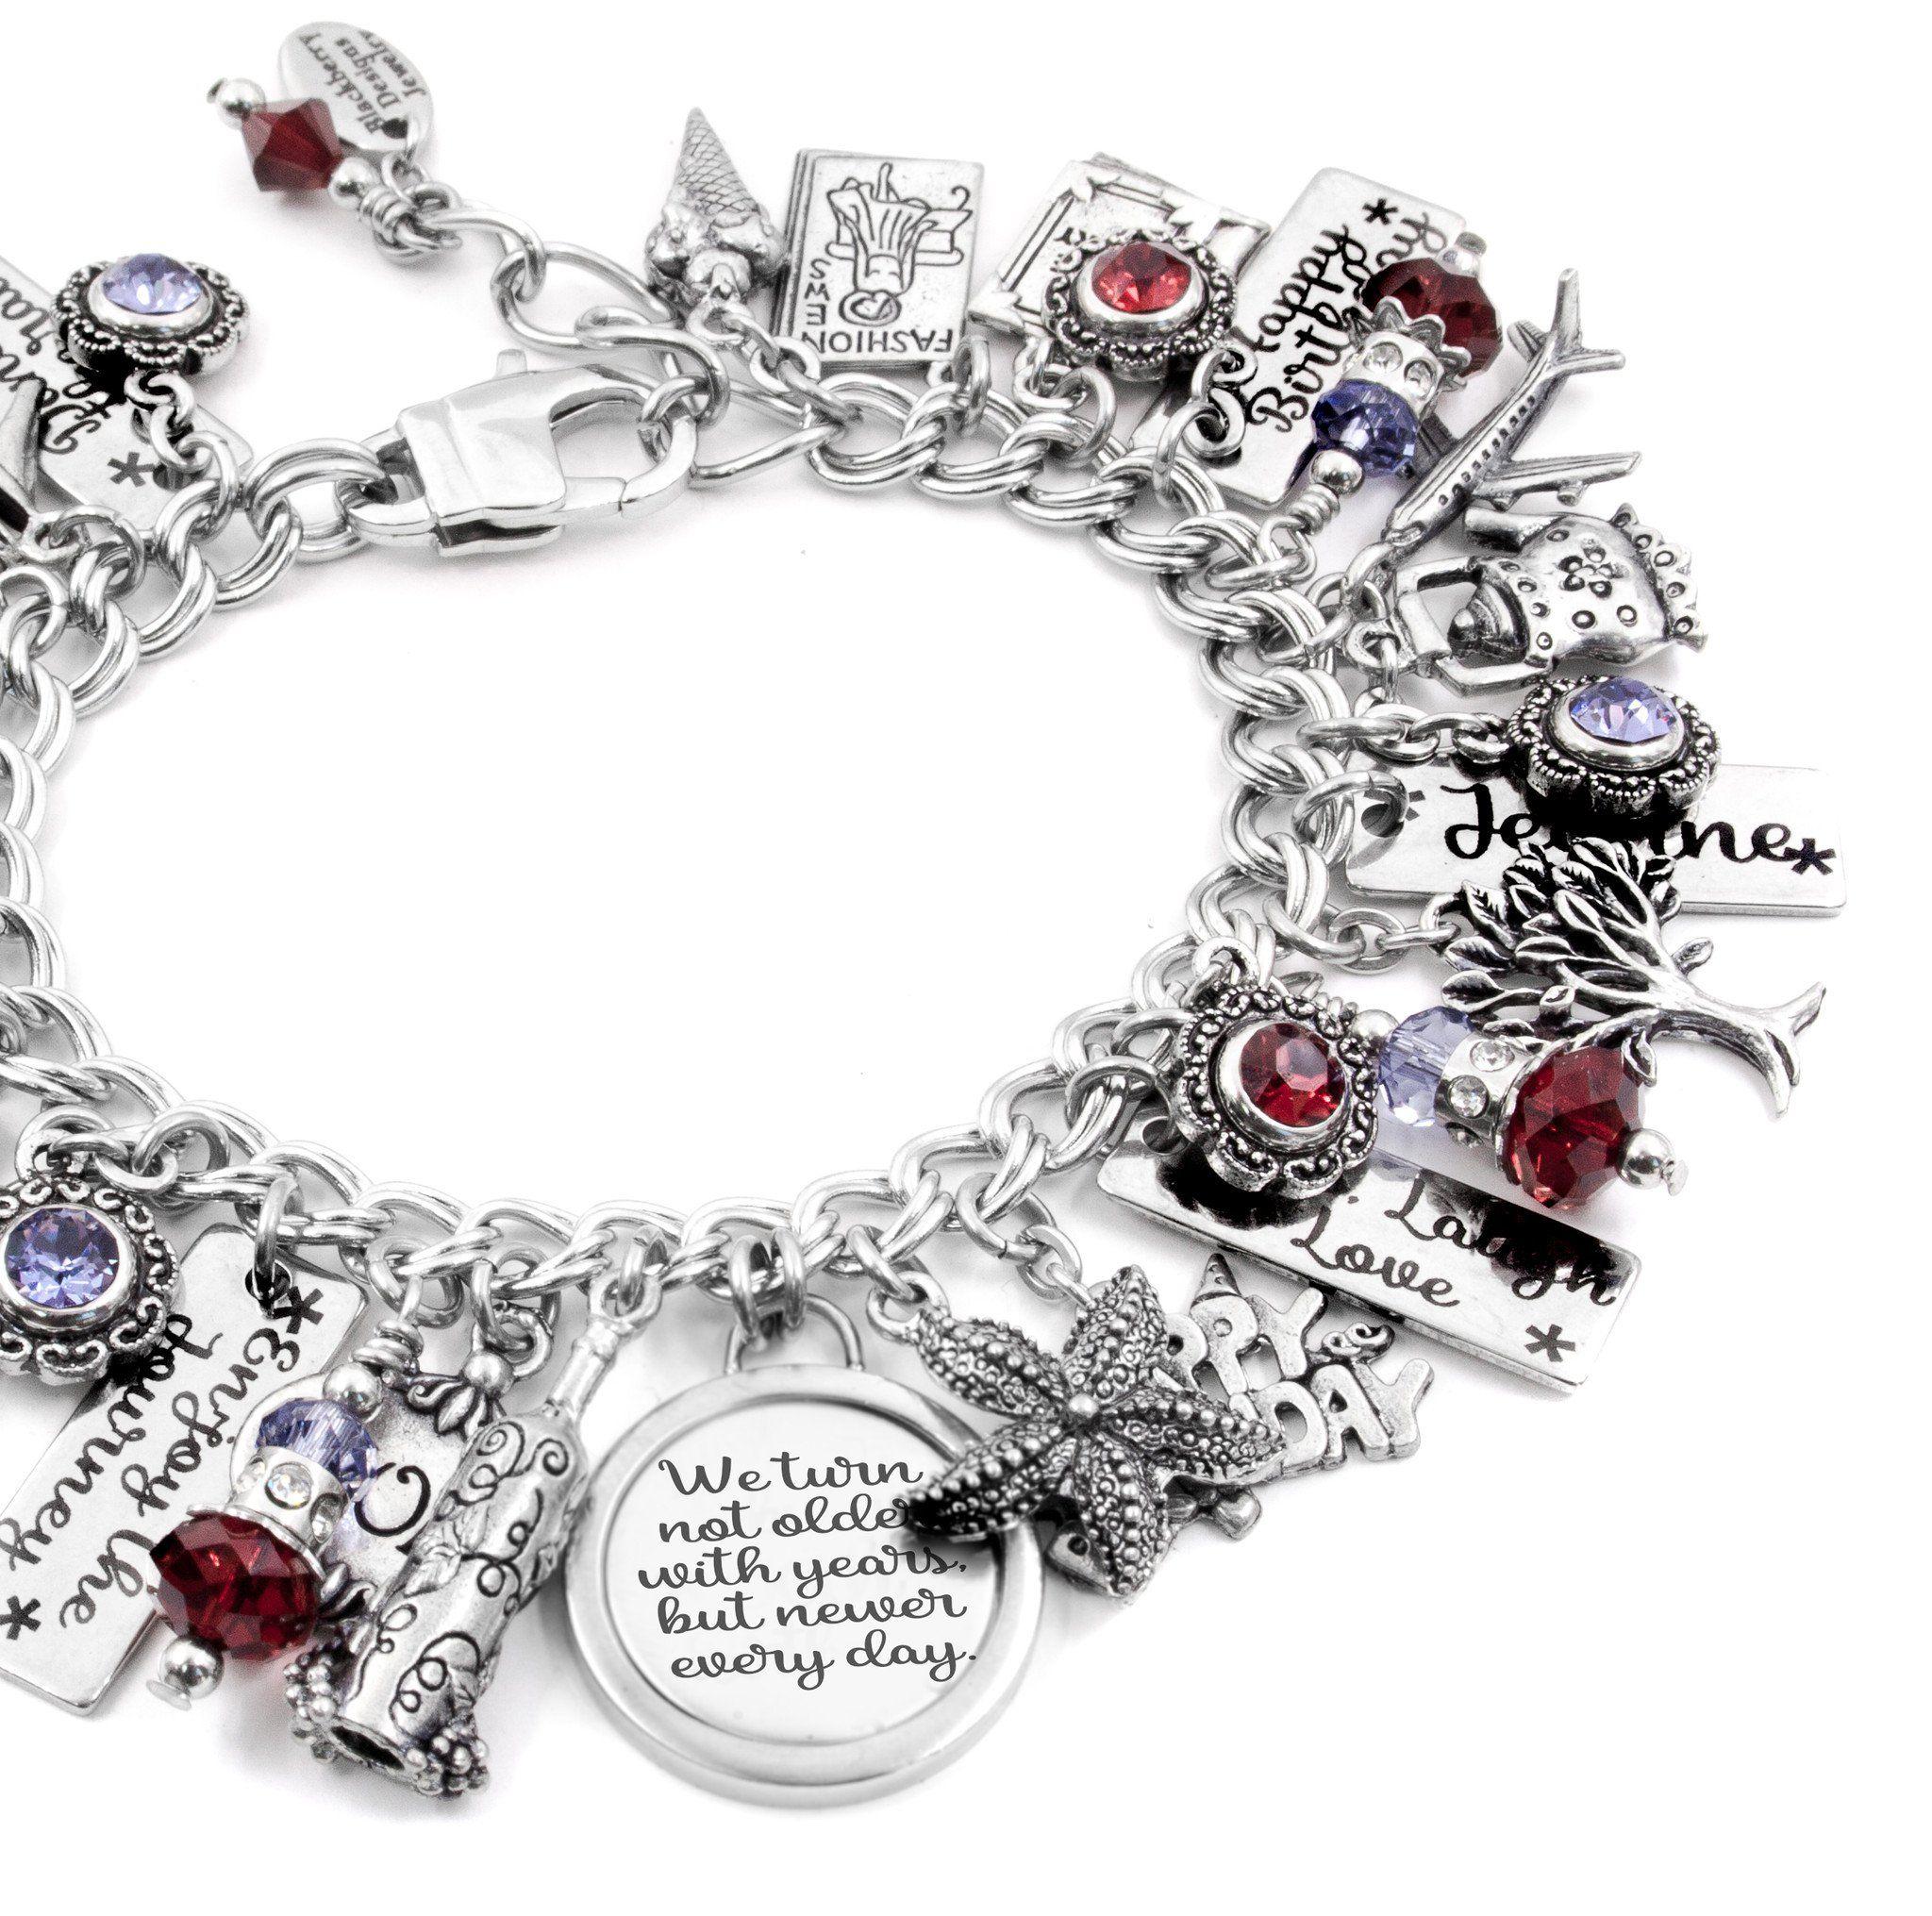 Personalized Birthday Bracelet